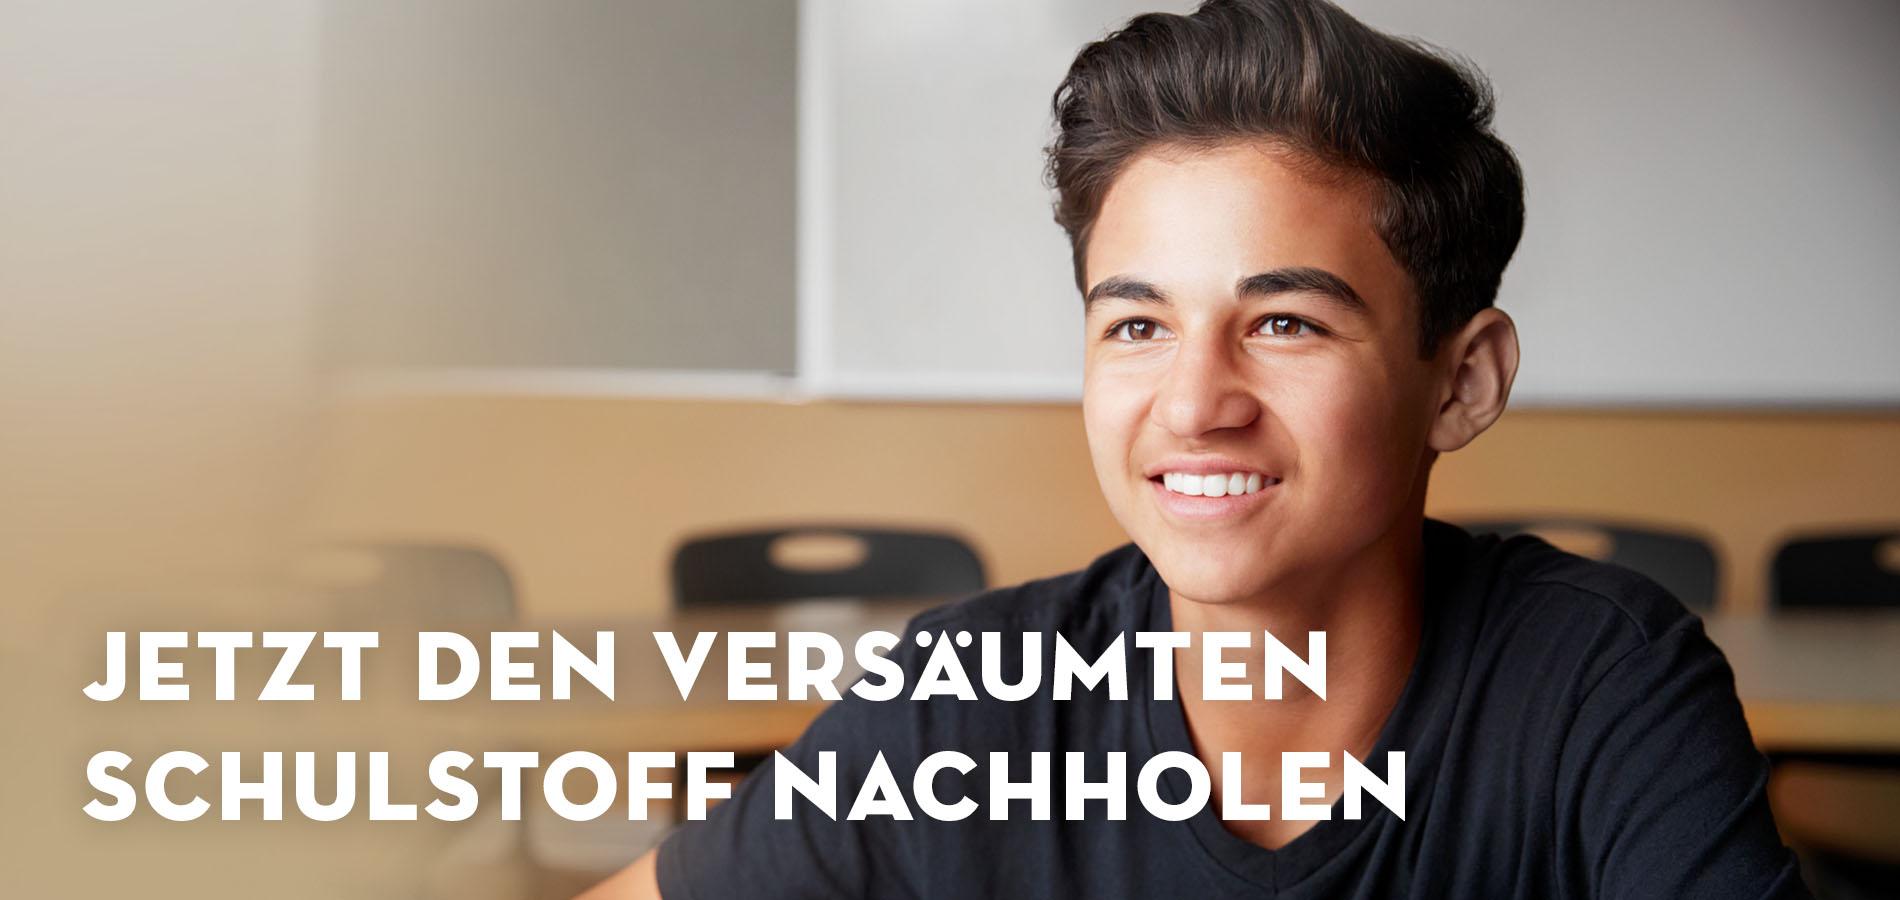 Einzelnachhilfe einzel Schüler Nachhilfe Nürnberg Plärrer Innenstadt Nachhilfeschule